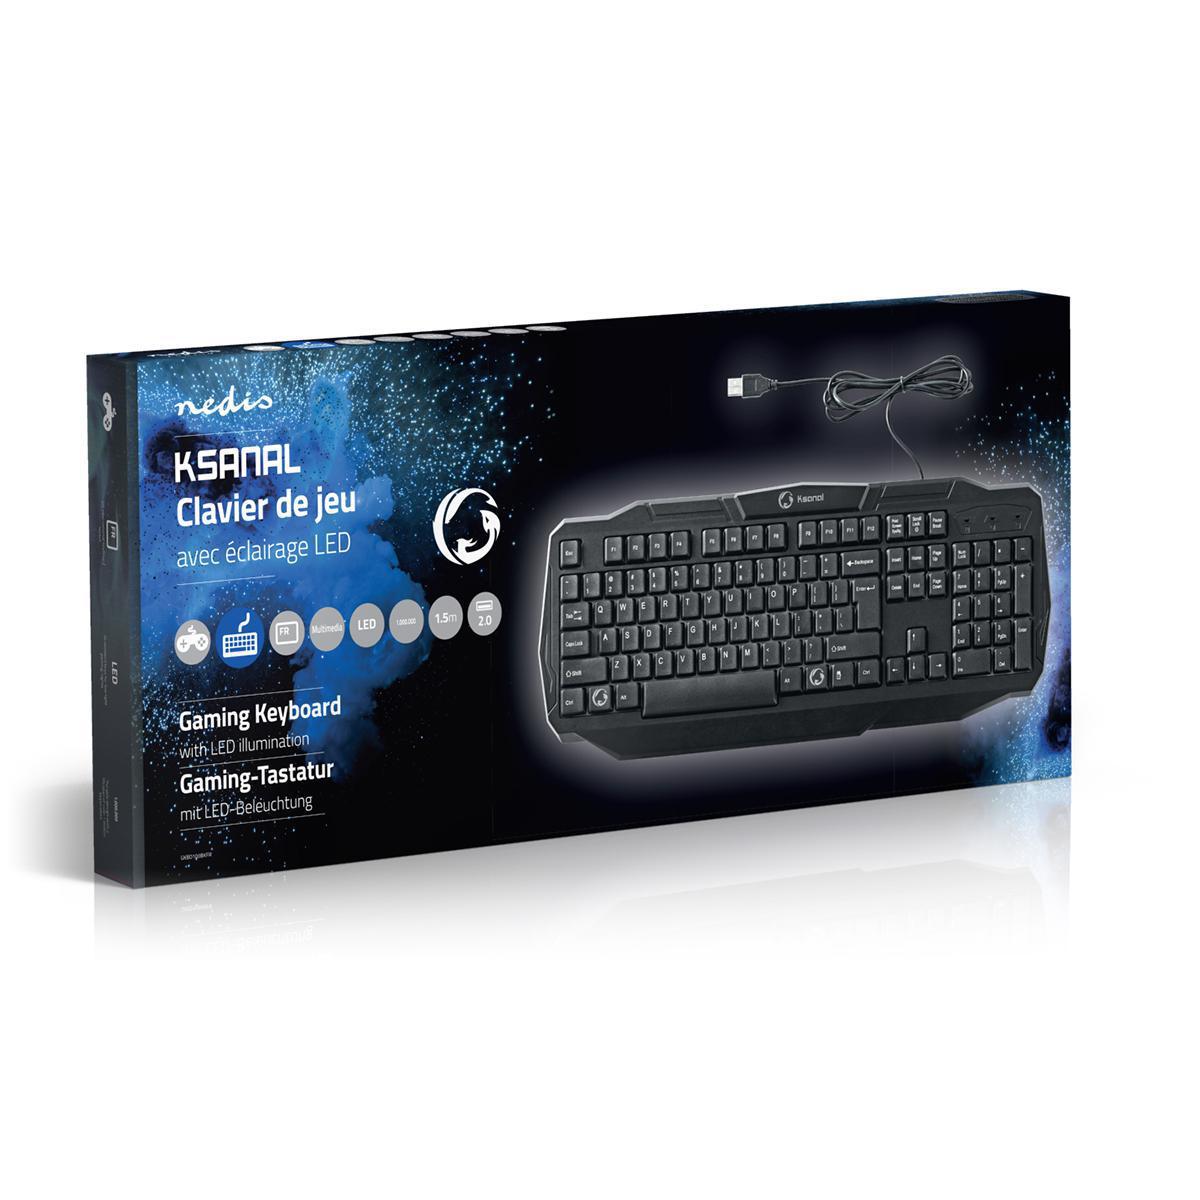 Kablet Spilltastatur   USB 2.0   Fransk oppsett   Sort   Nedis